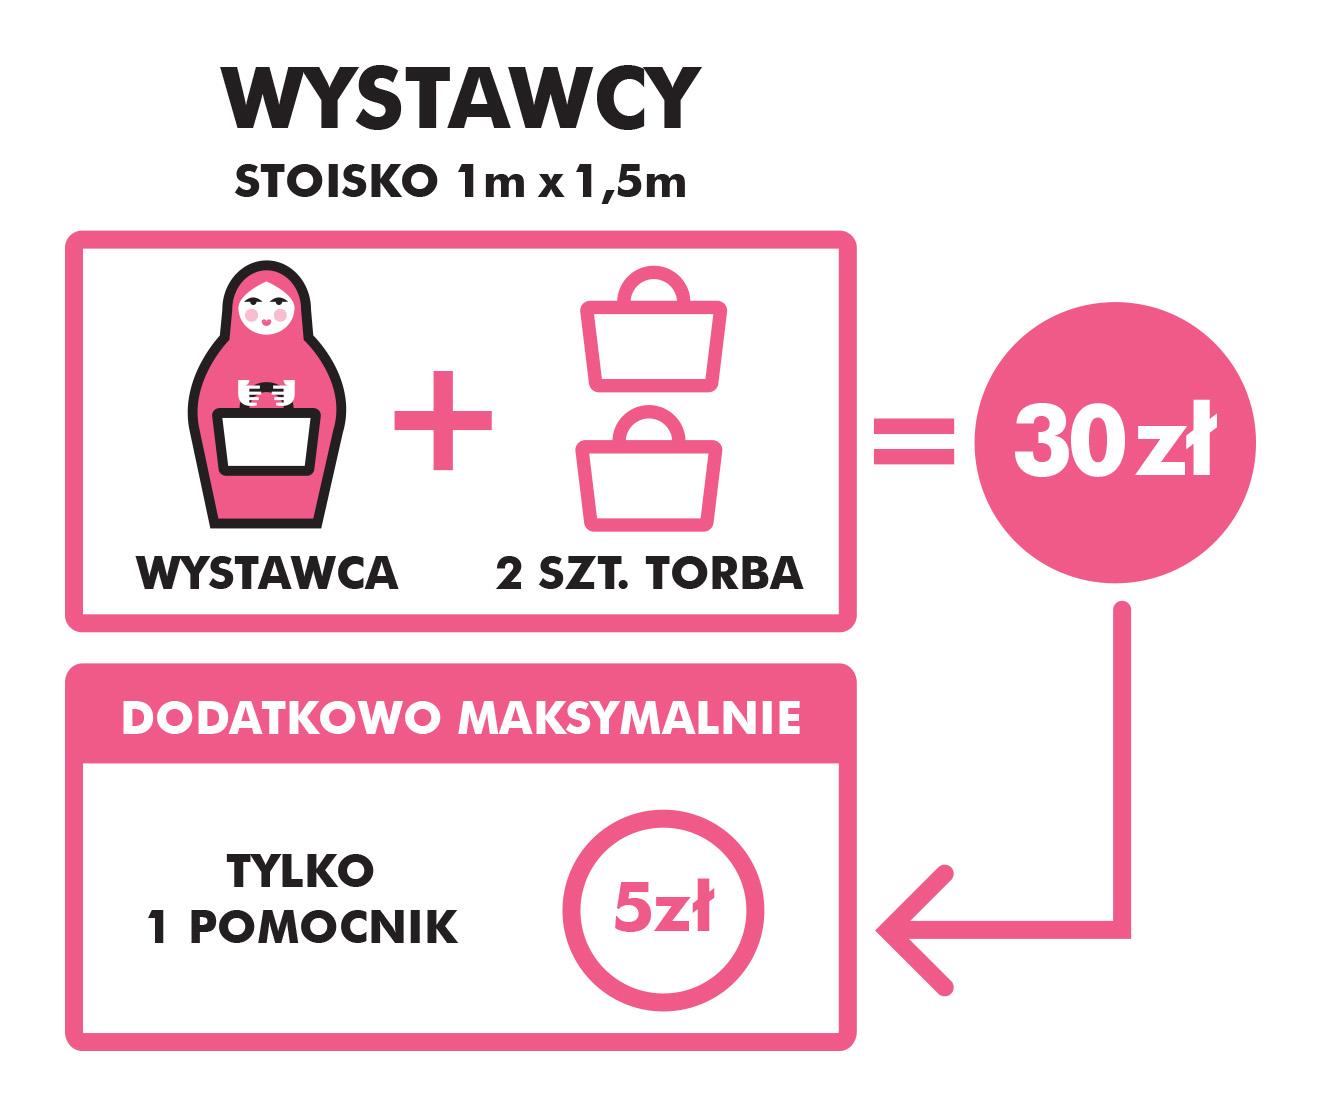 GRAFIKA_WYSTAWCY